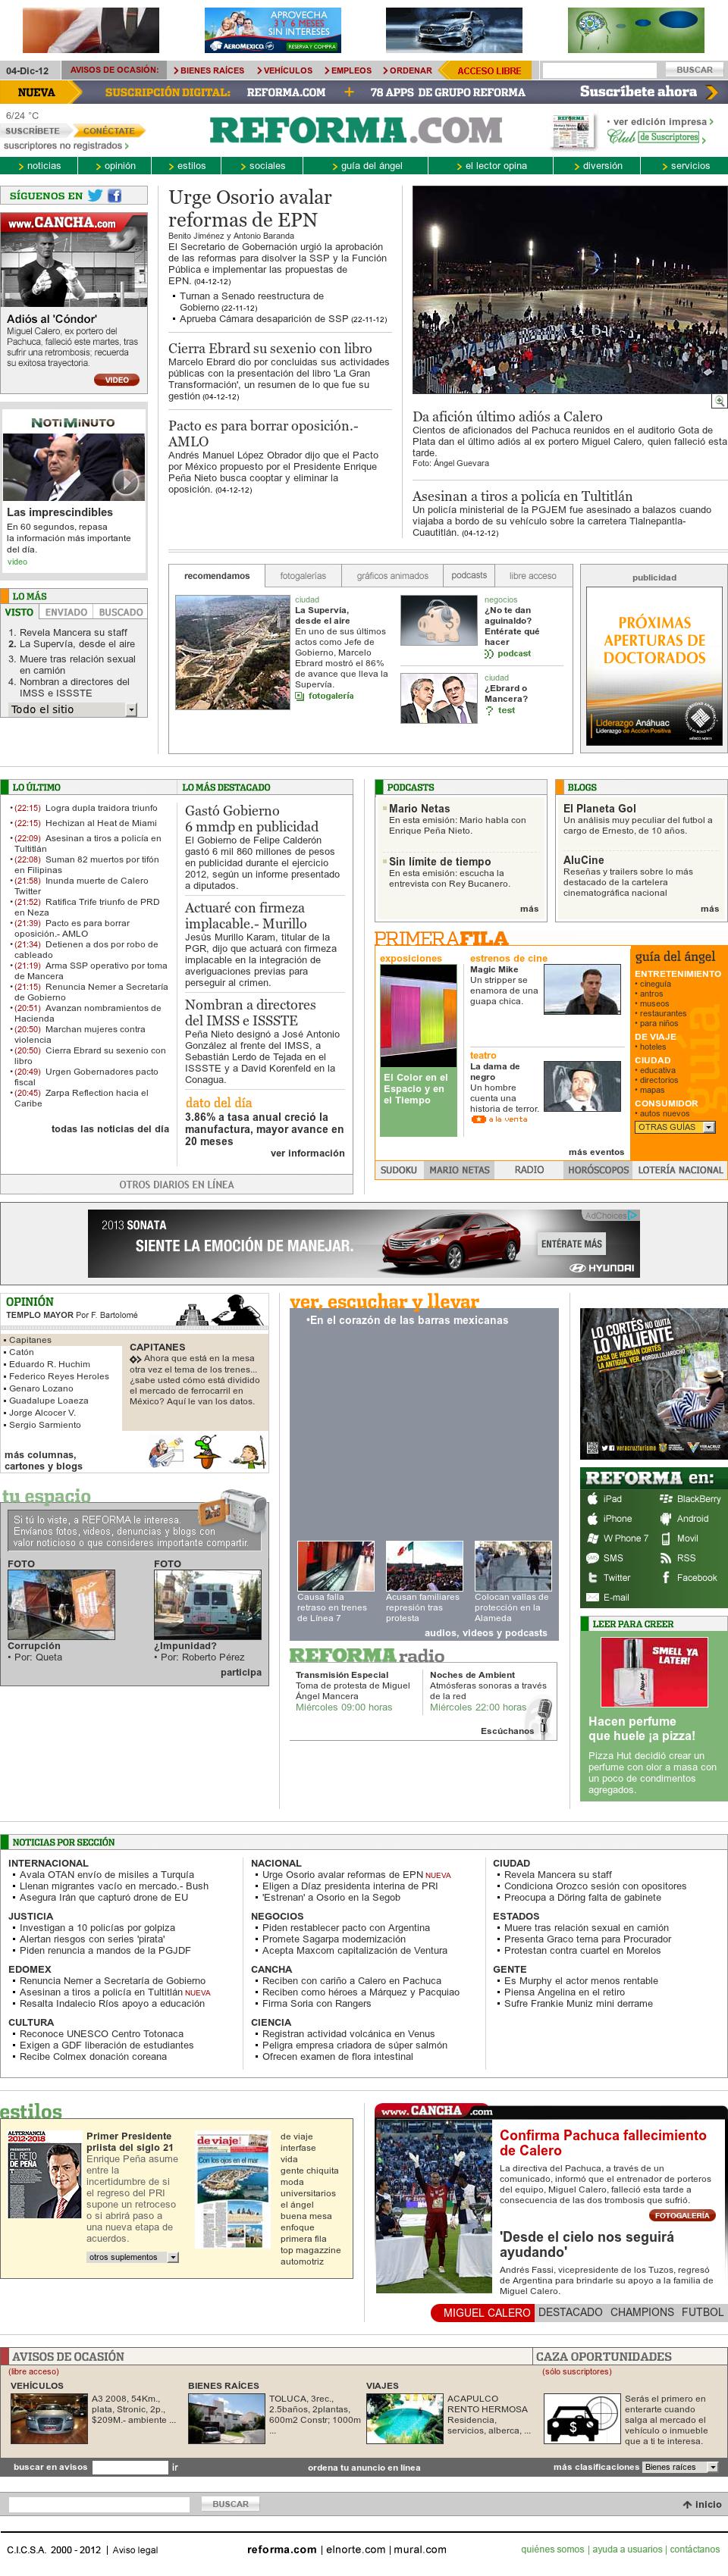 Reforma.com at Wednesday Dec. 5, 2012, 7:29 a.m. UTC